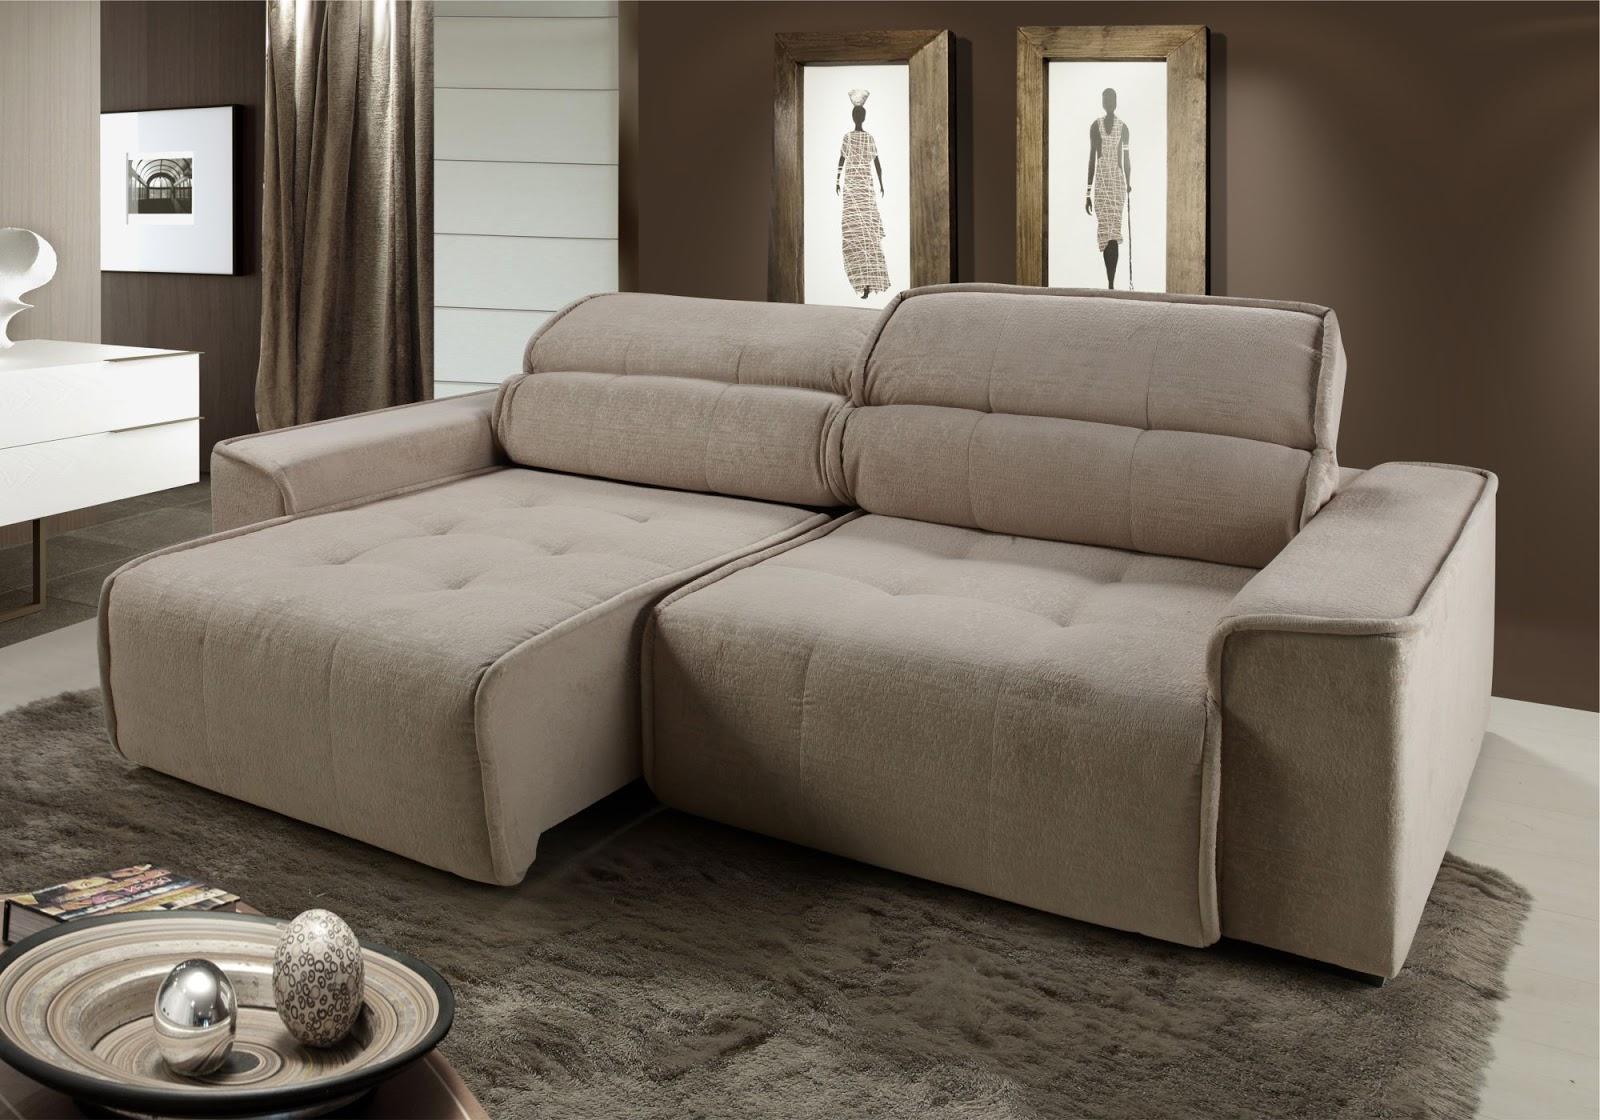 Sofas Modernos Para Sala De Tv Contemporary Sectional Leather Sofa Qual é O Melhor Sofá Minha Fotos Lindos Sofás